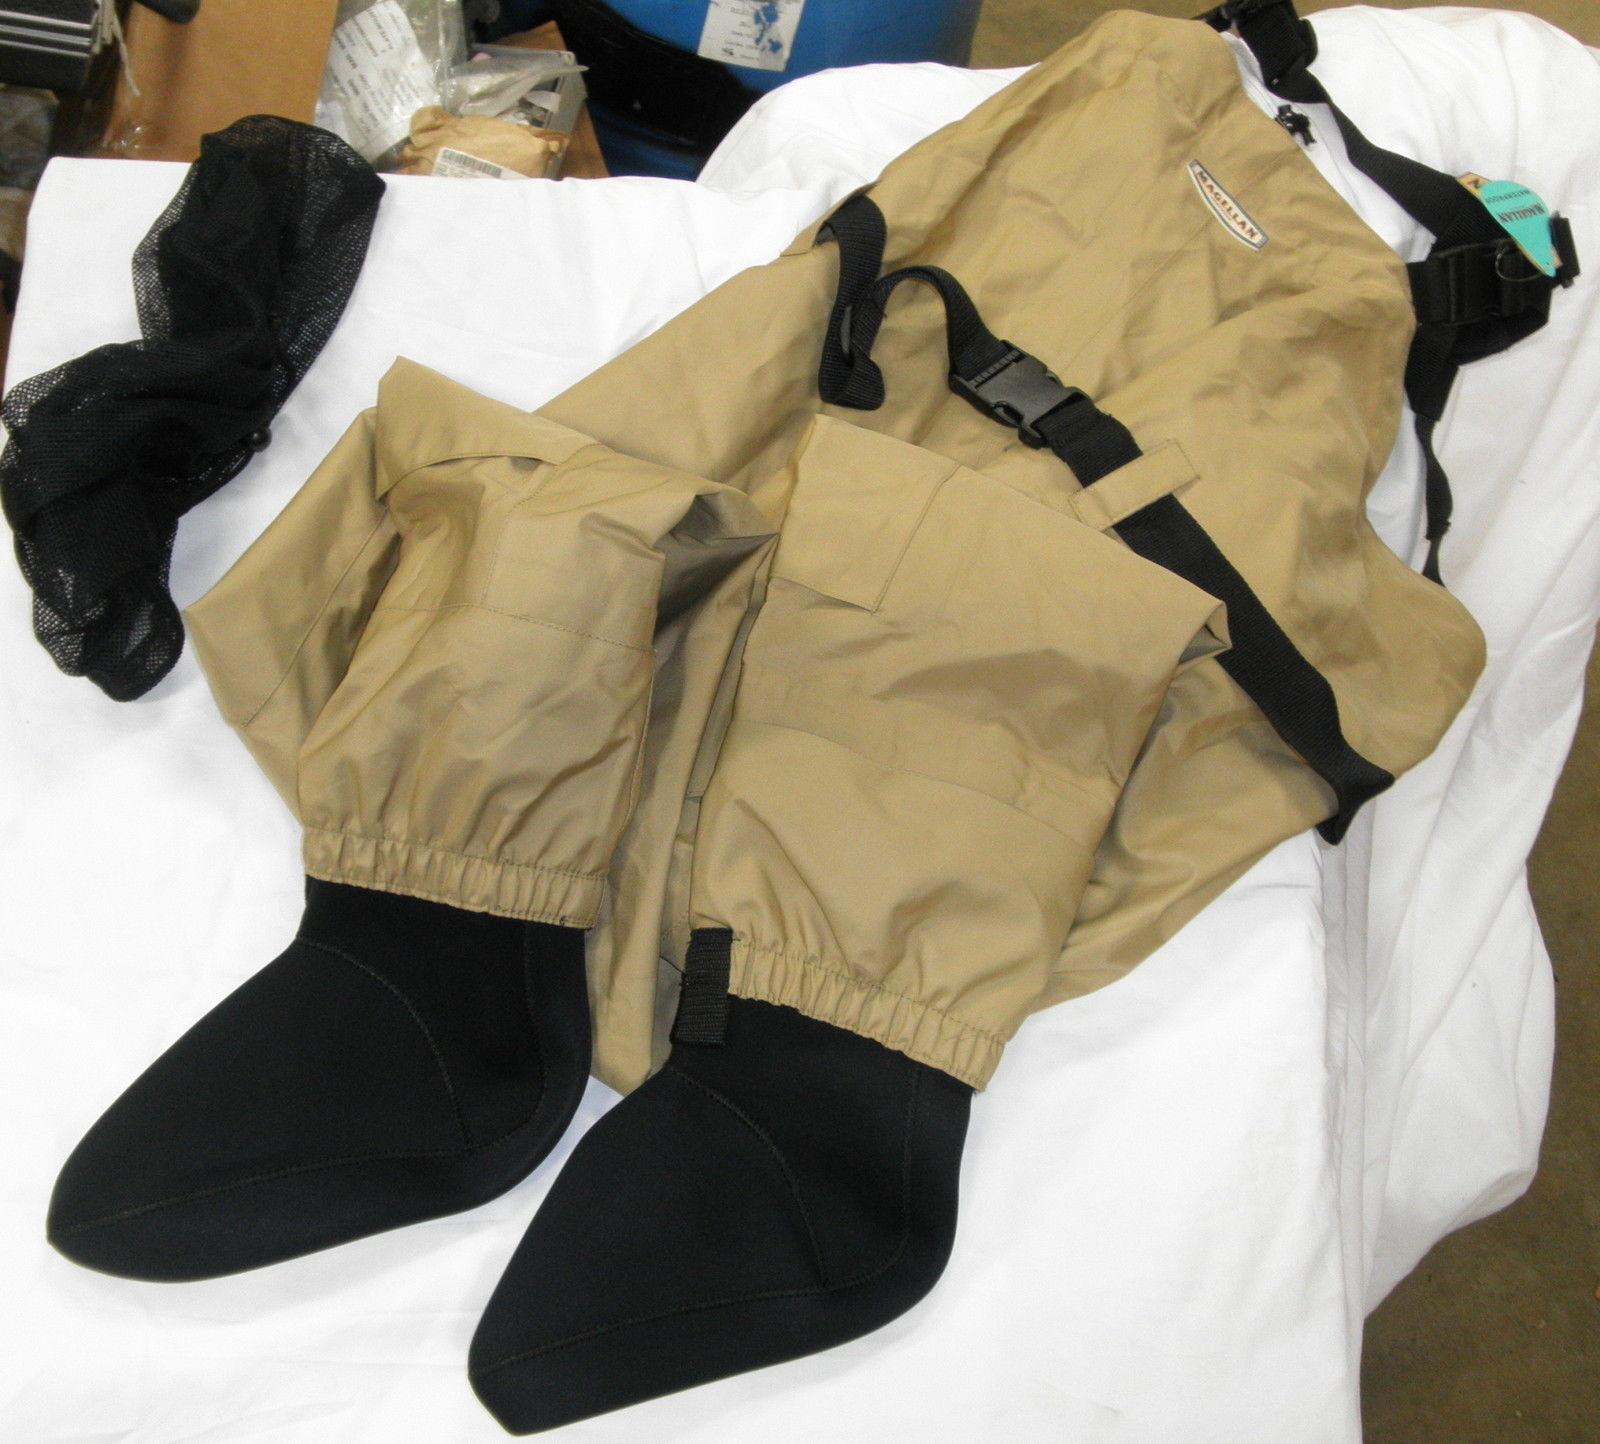 Waders Magellan Magellan Magellan Waterproof Footwear M7062 Größe Small 0811e8